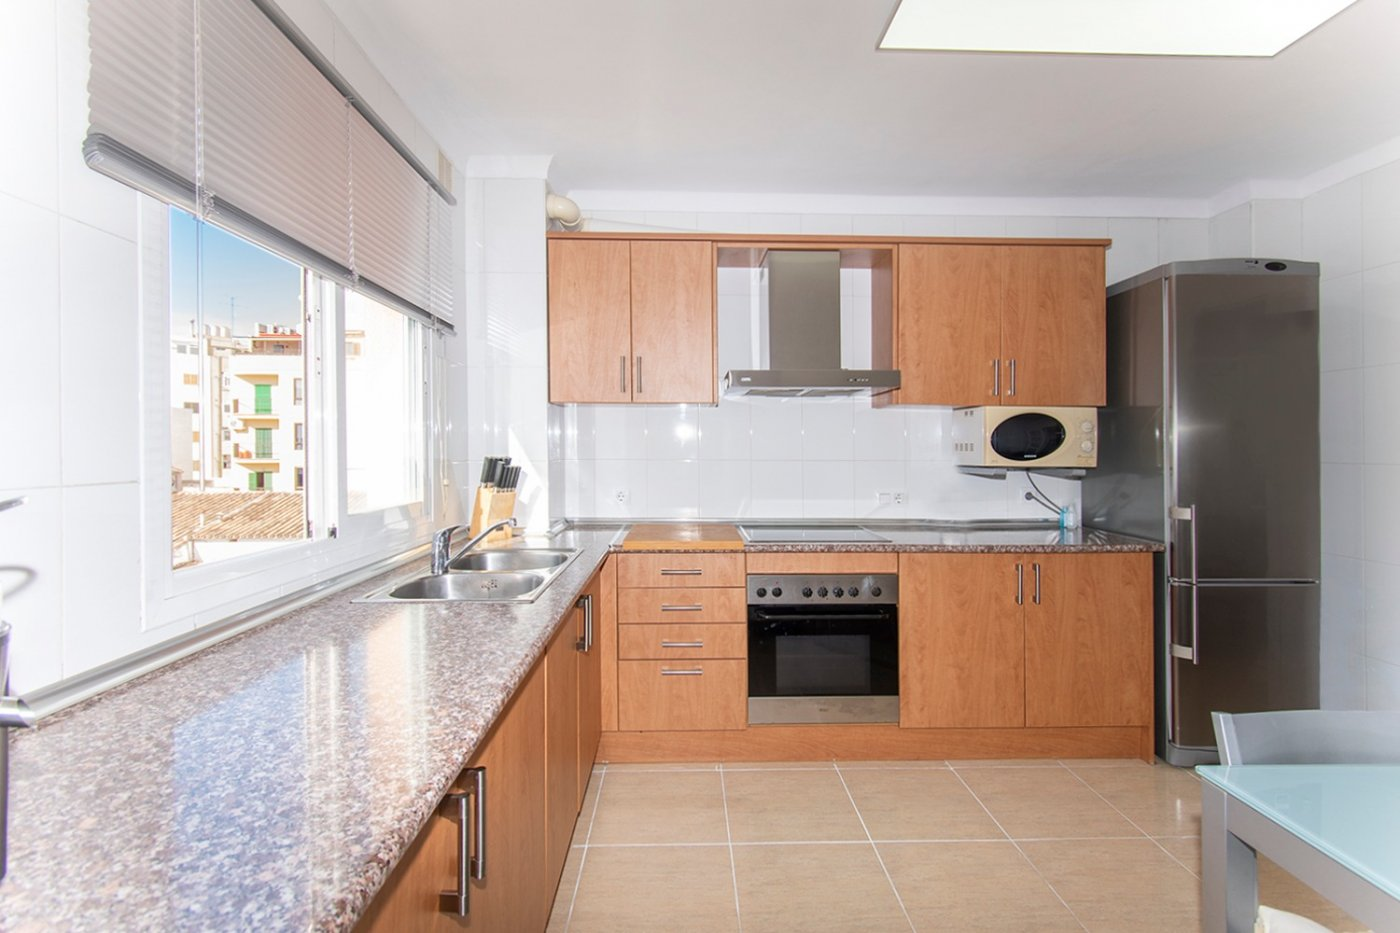 Ático-dÚplex de 3 habitaciones con terraza en planta en pedro garau (parking opcional) - imagenInmueble4